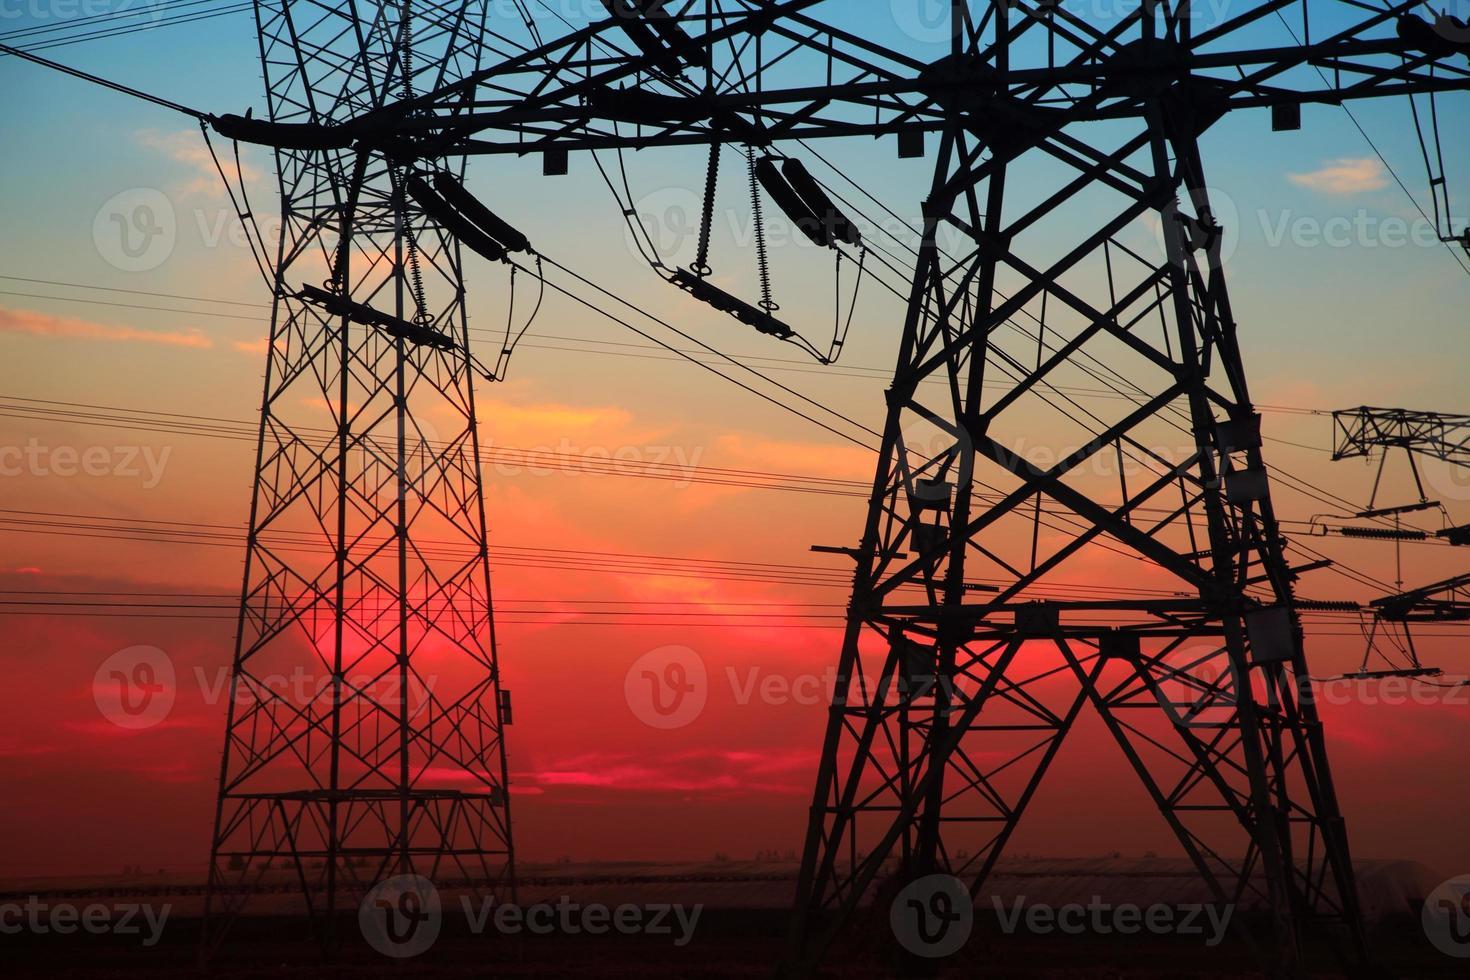 la sagoma del pilone di trasmissione dell'elettricità serale foto